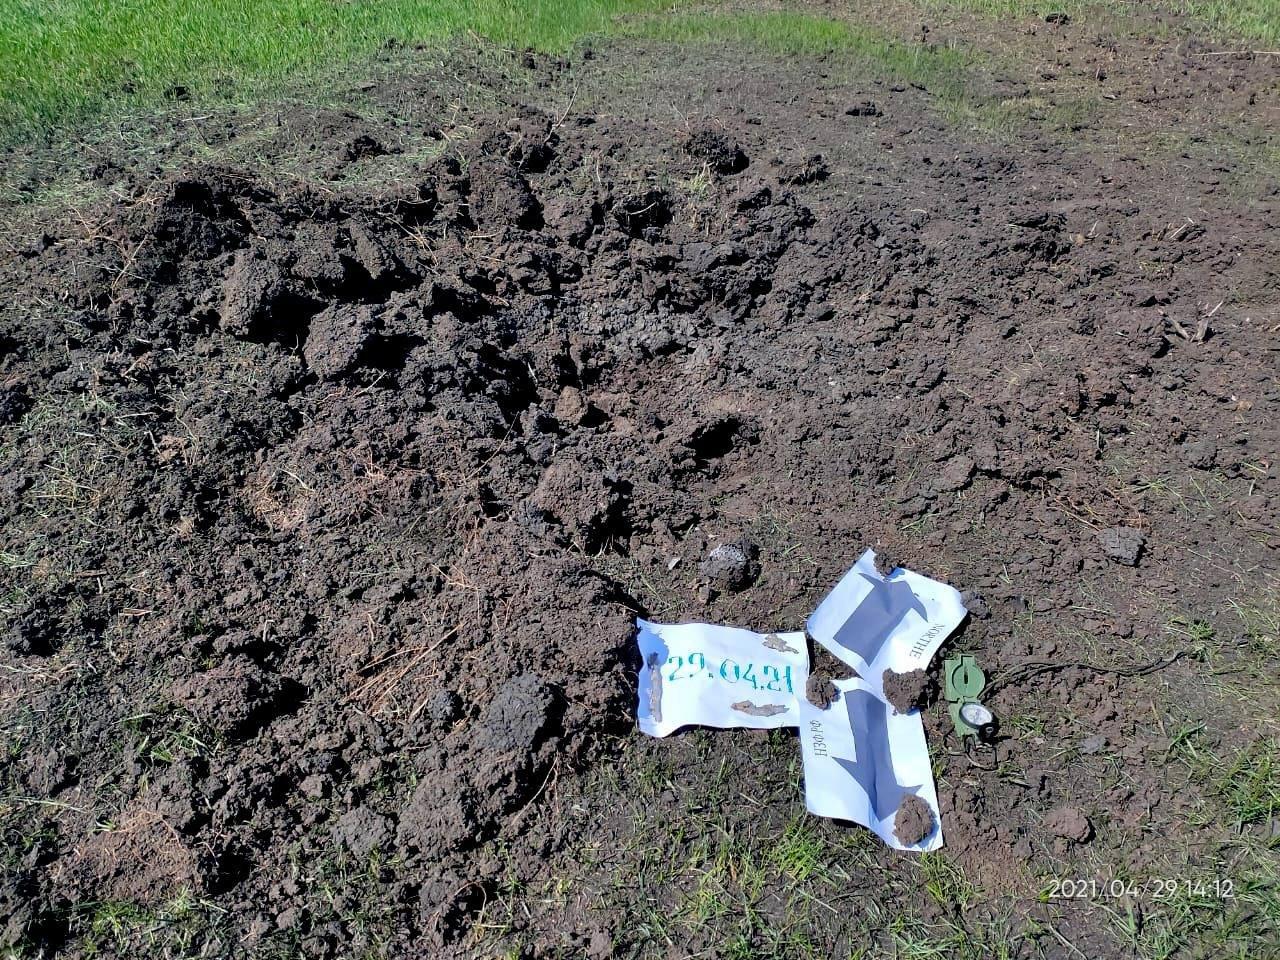 Оккупанты обстреляли населенный пункт у линии разграничения из 120-мм минометов, - ФОТО, фото-2